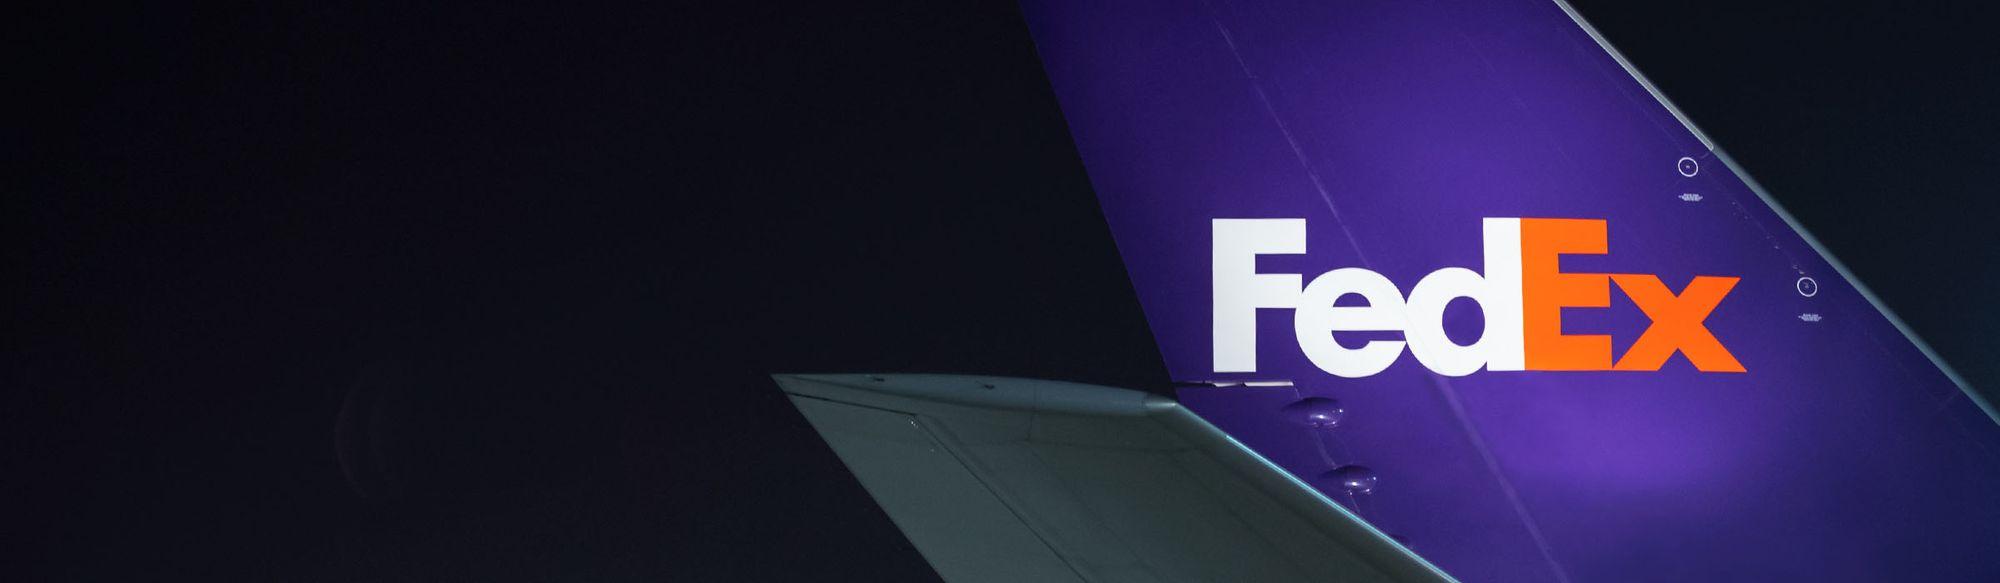 FedEx vs UPS article